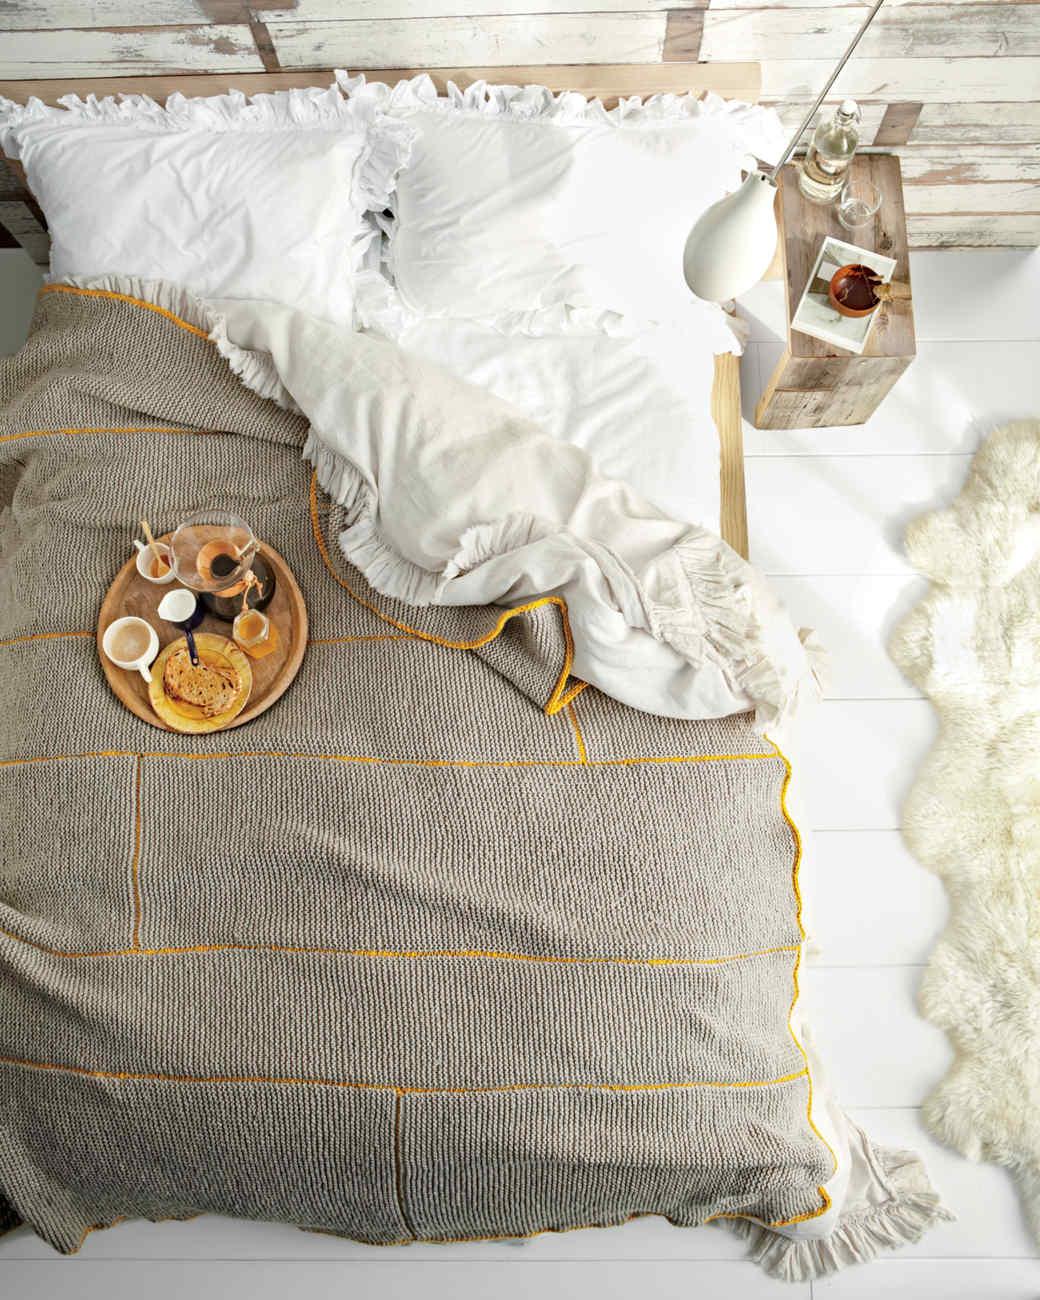 wool-bed-md107386.jpg